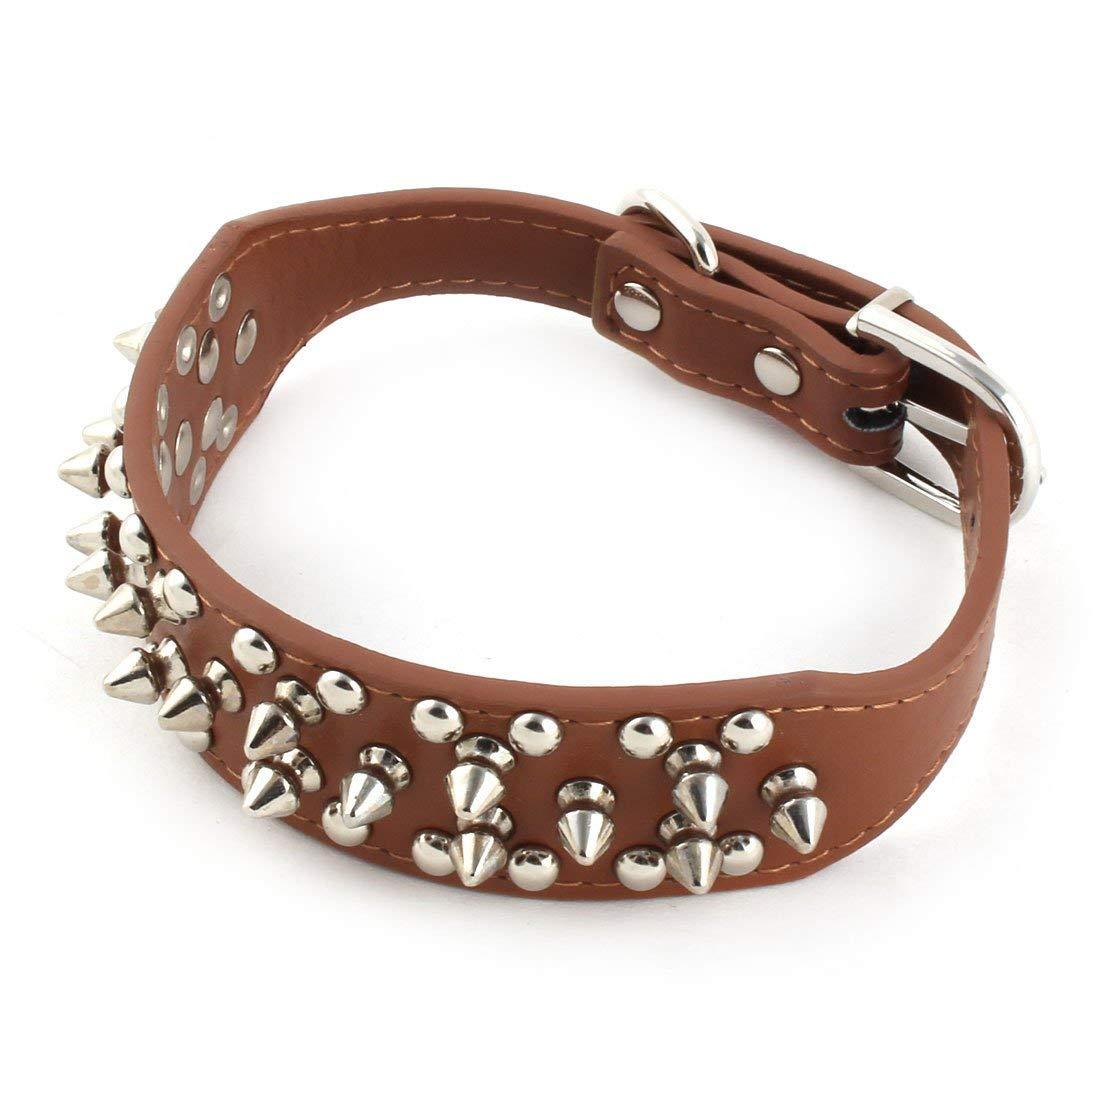 Pet Dog Rivet Detailing Adjustable Neck Belt Collar Strap Girth 30-37cm Brown